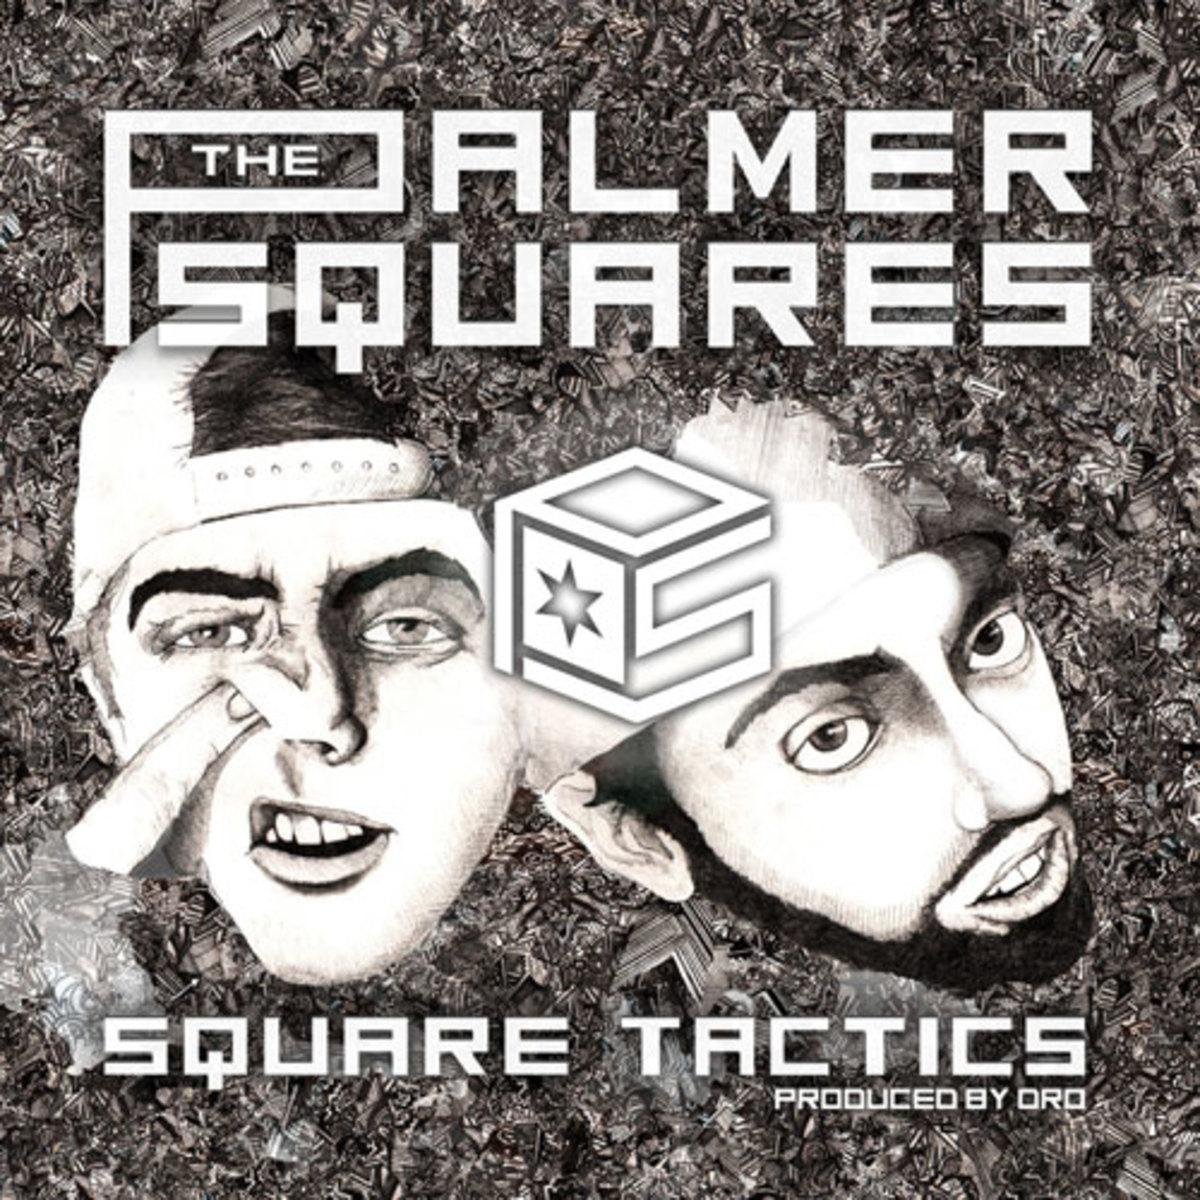 palmersquares-squaretactics.jpg